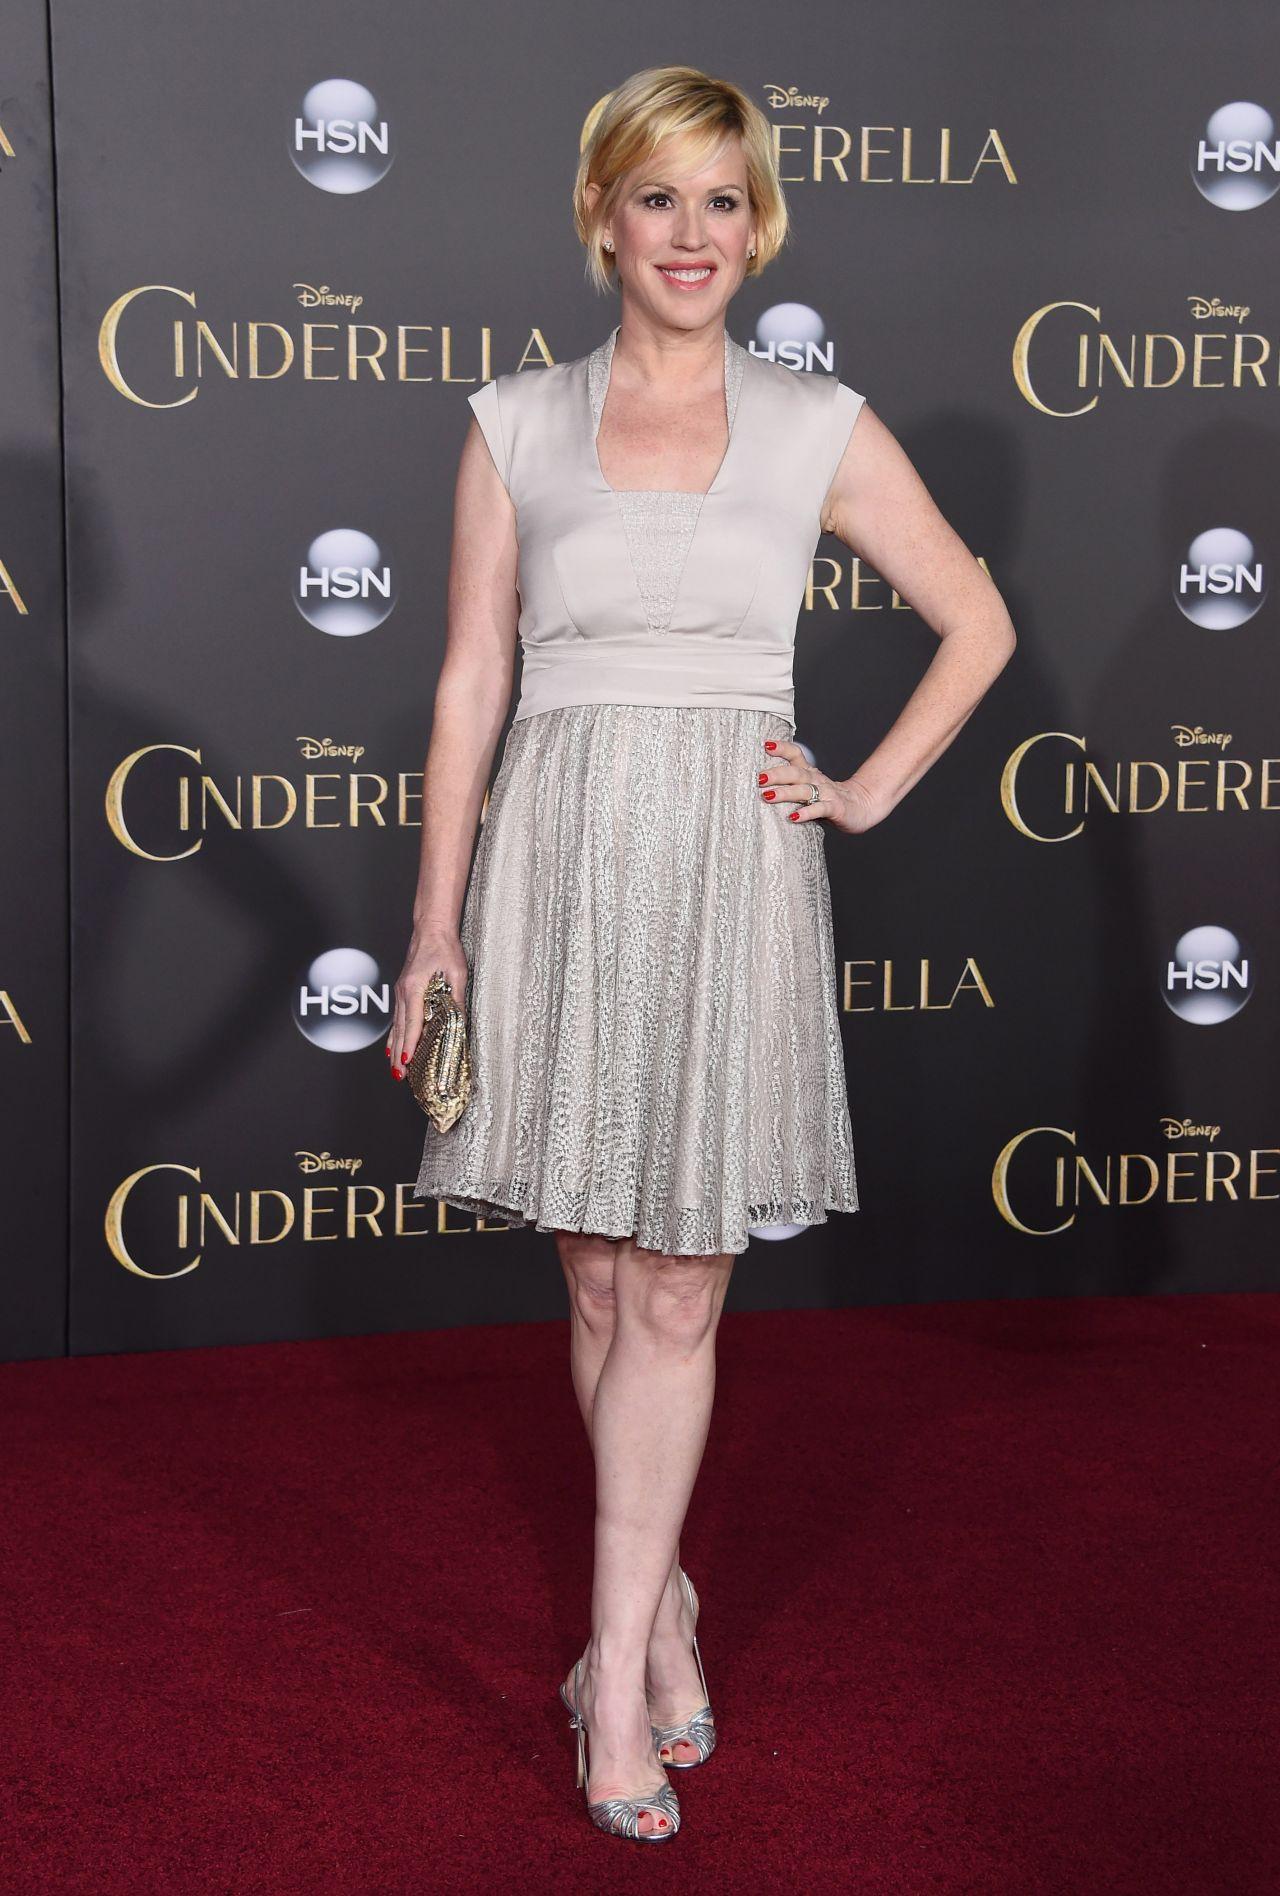 Molly Ringwald Cinderella Premiere In Los Angeles